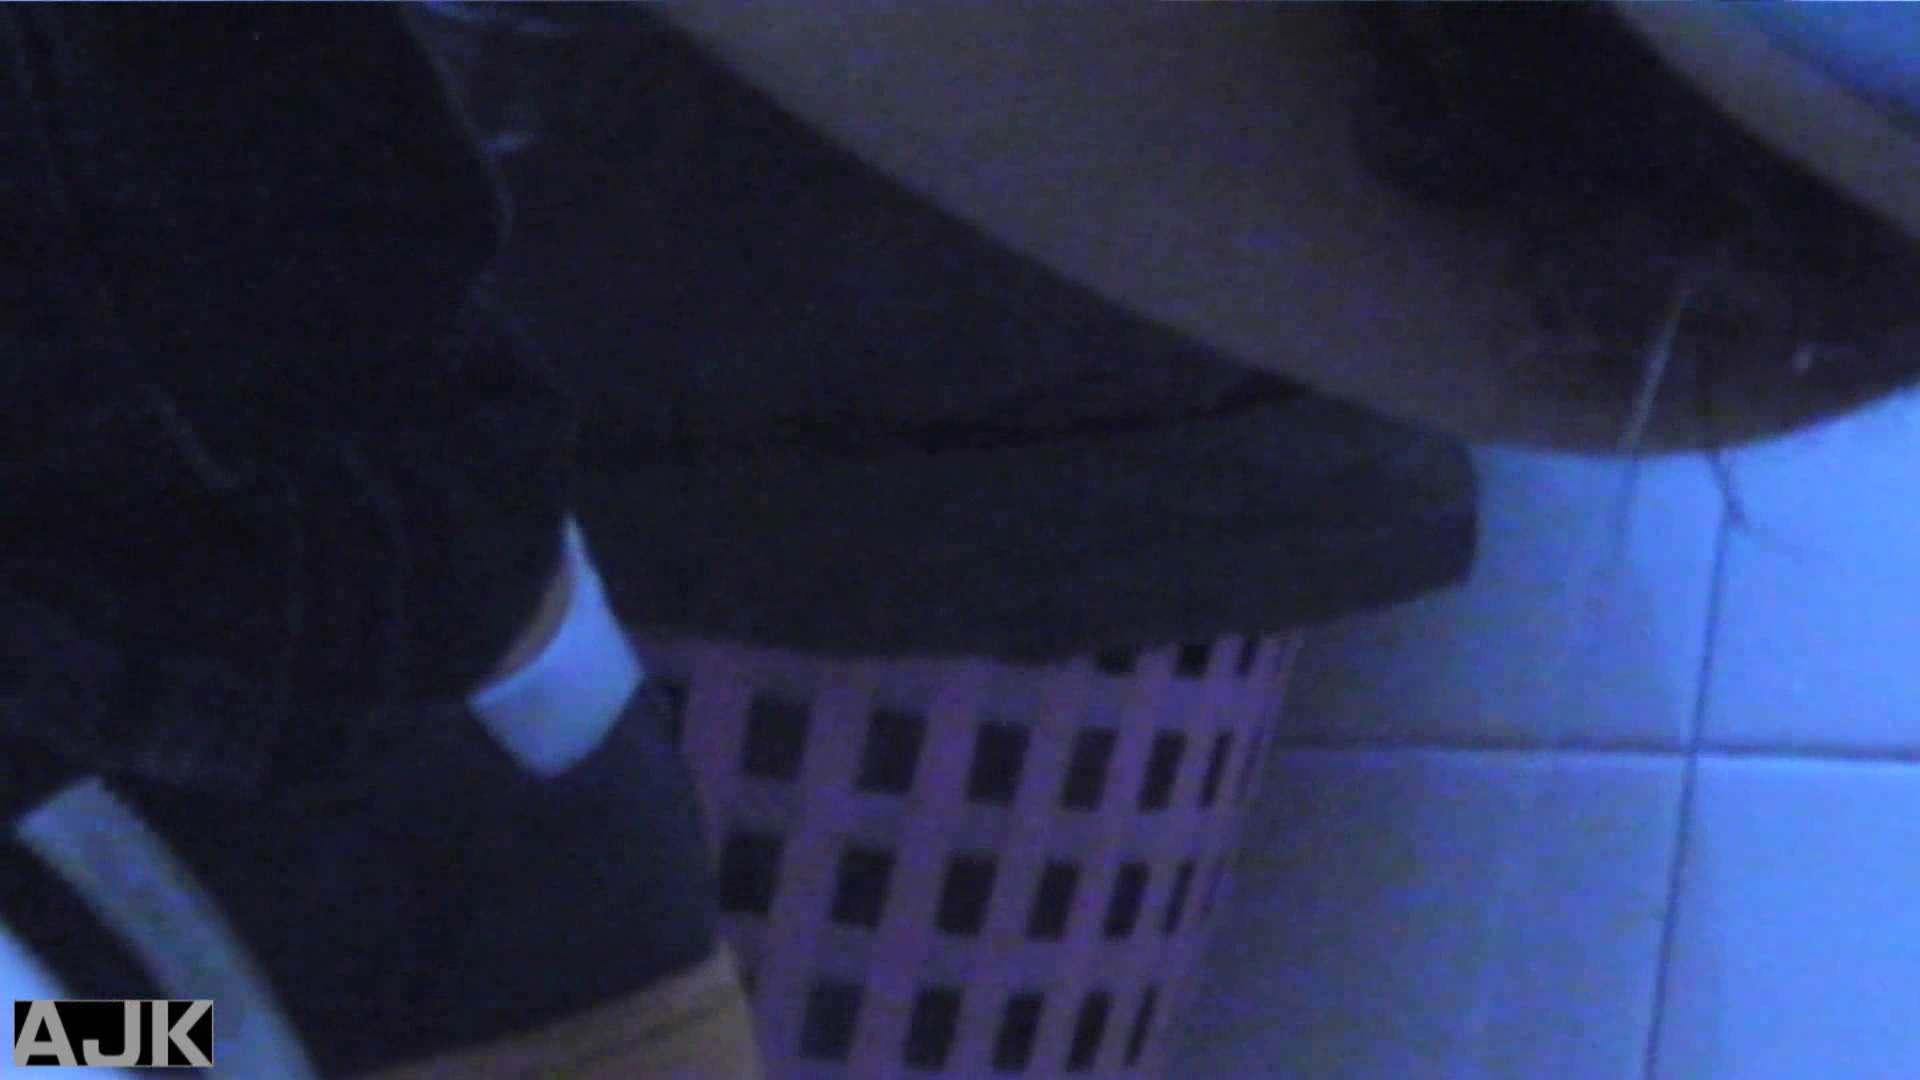 隣国上階級エリアの令嬢たちが集うデパートお手洗い Vol.07 マンコ エロ無料画像 53画像 49